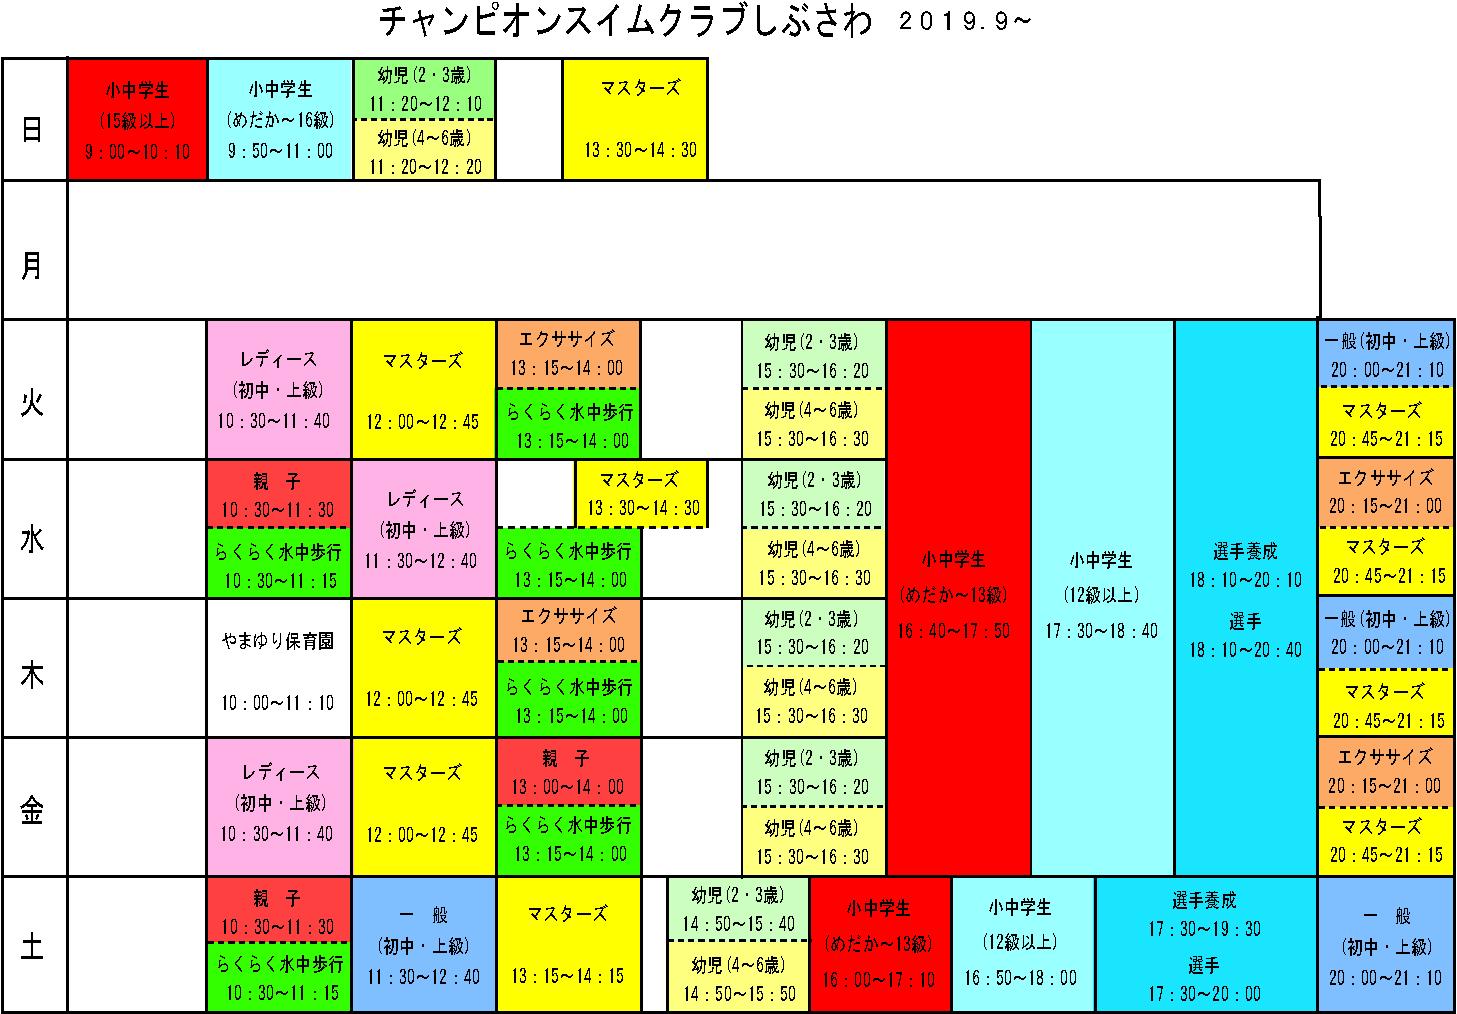 しぶさわクラス表2019年9月~.eps